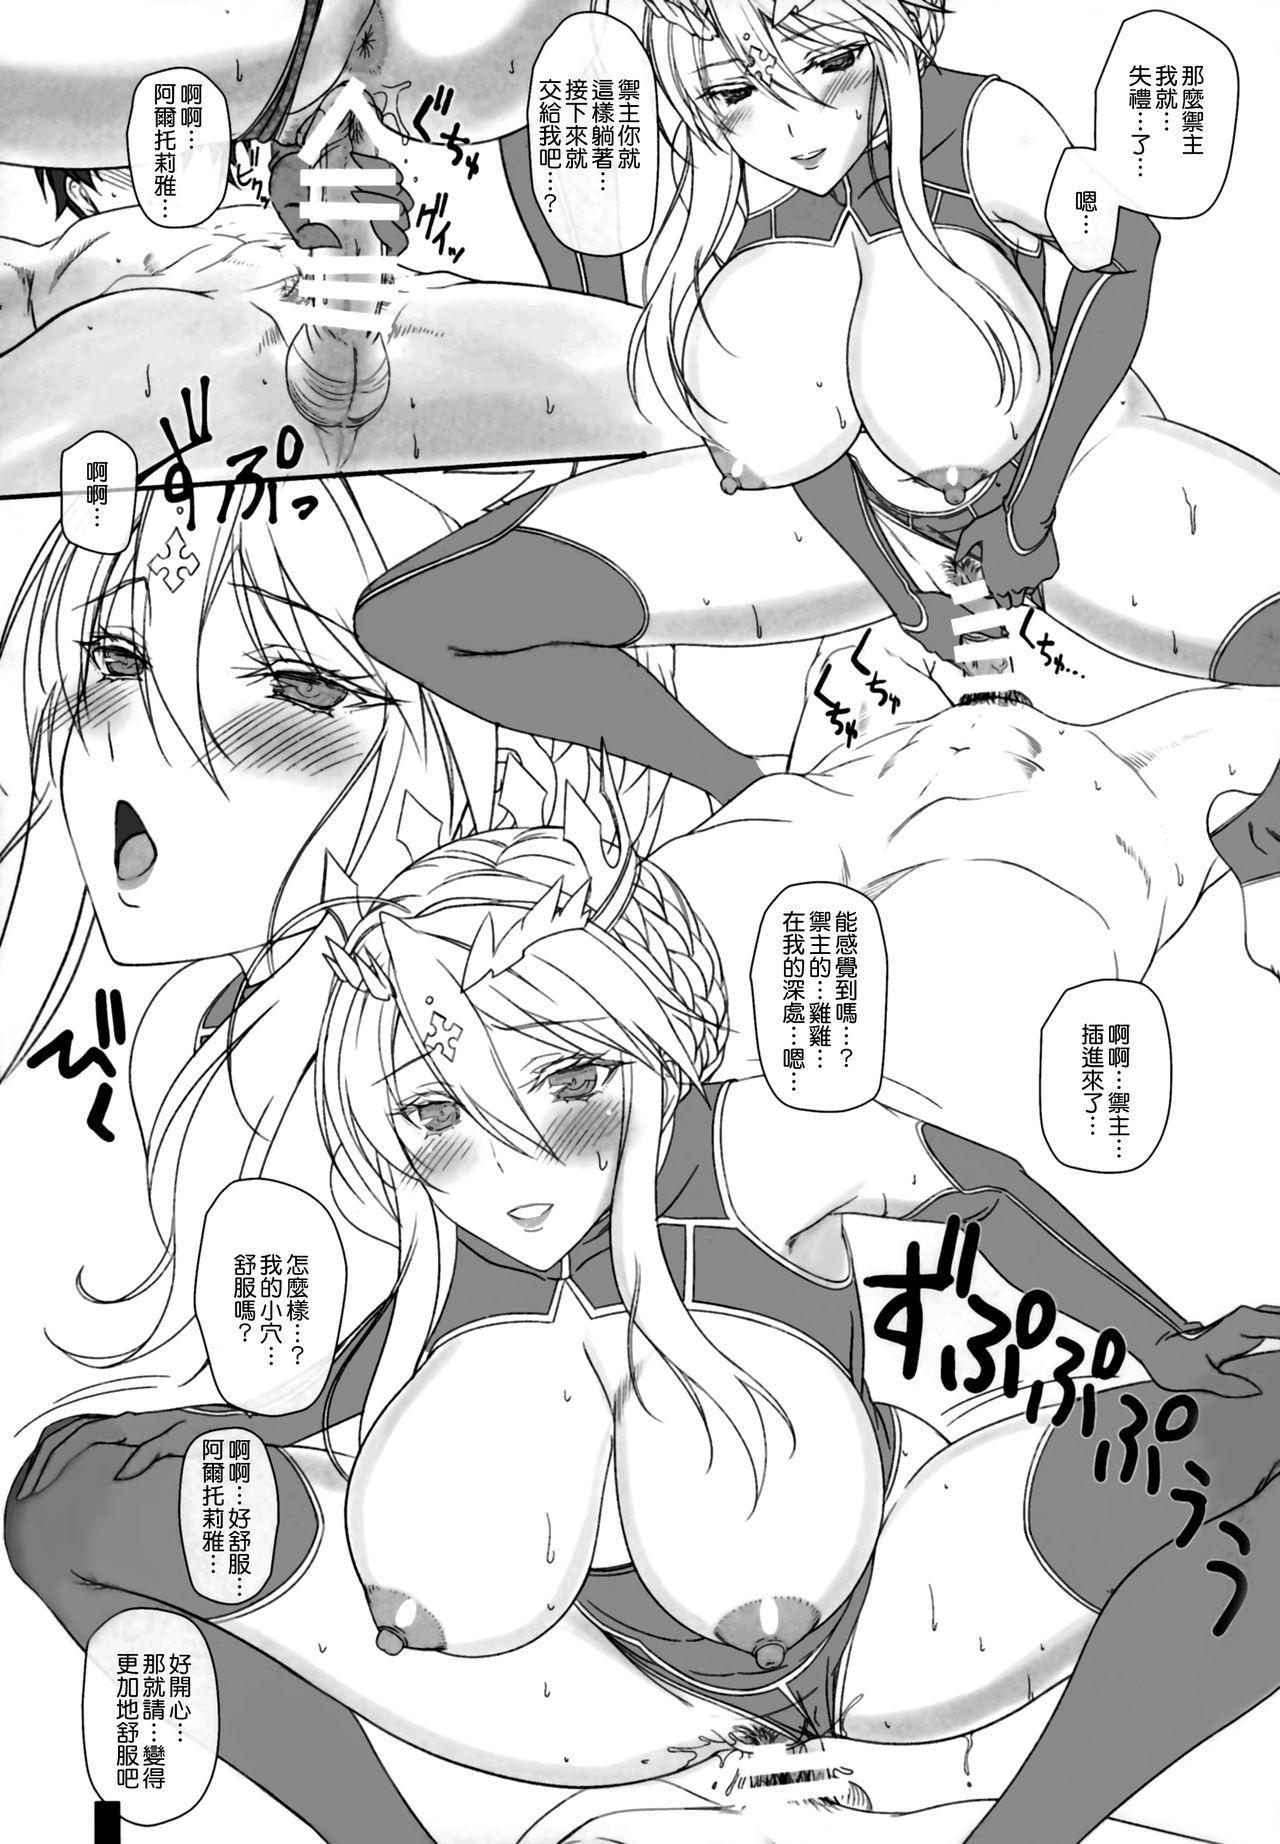 Otsukare na Master o Watashi ga Iyashite Agetai. 8